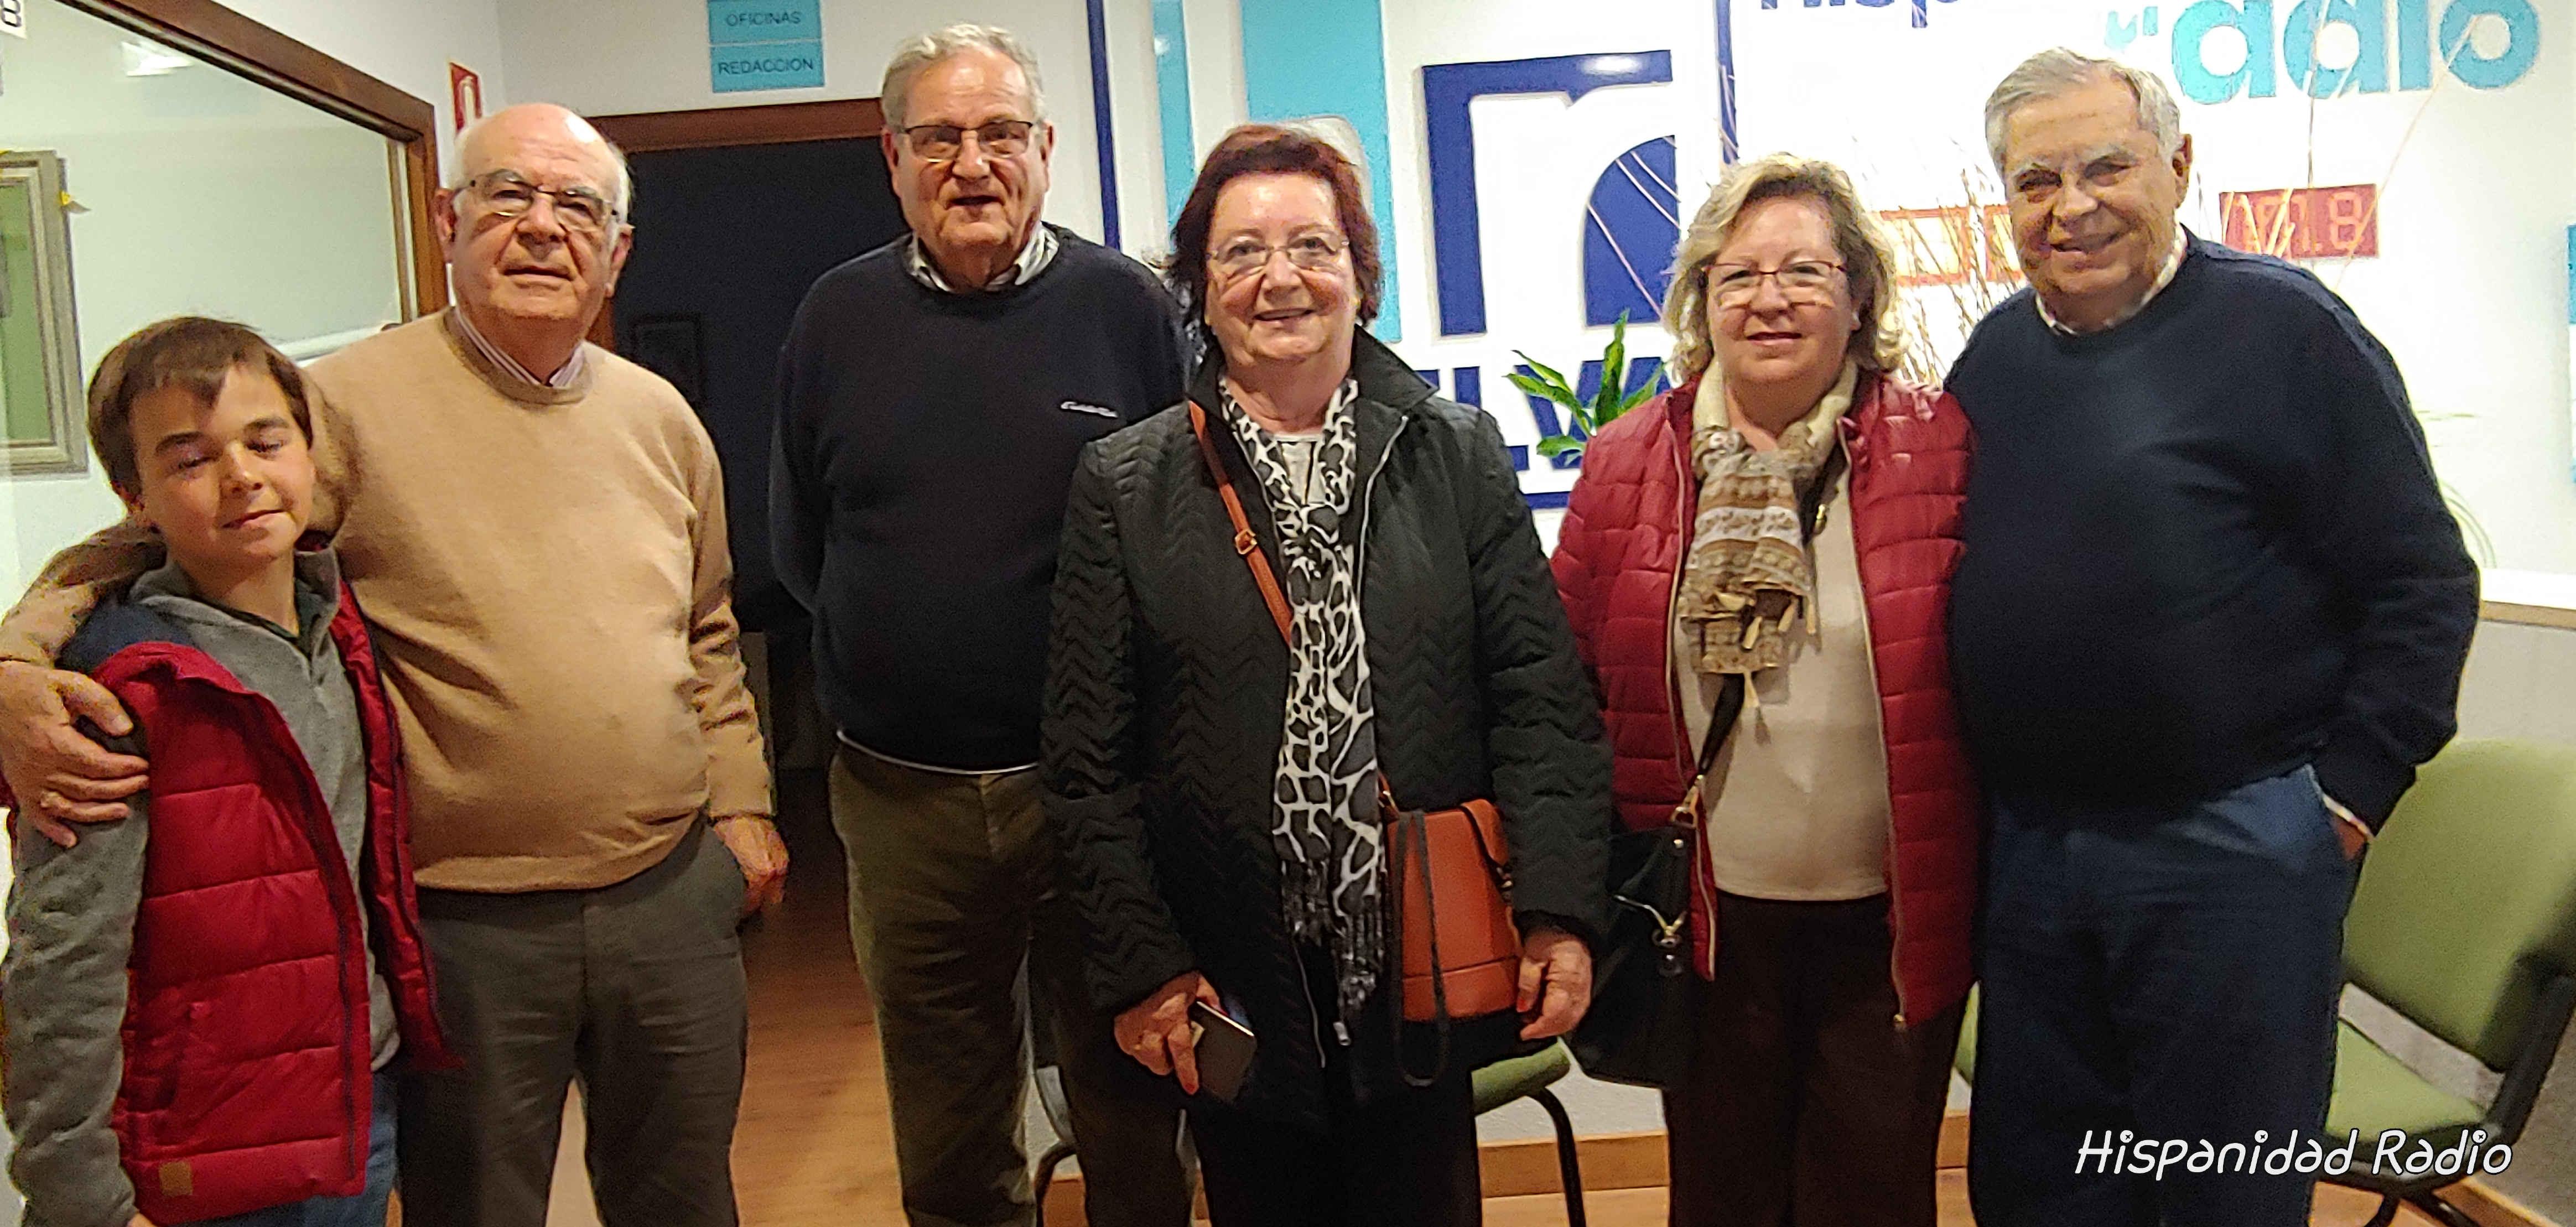 De Pueblo a pueblo 24-04-2019 Poesia y libros por Huelva